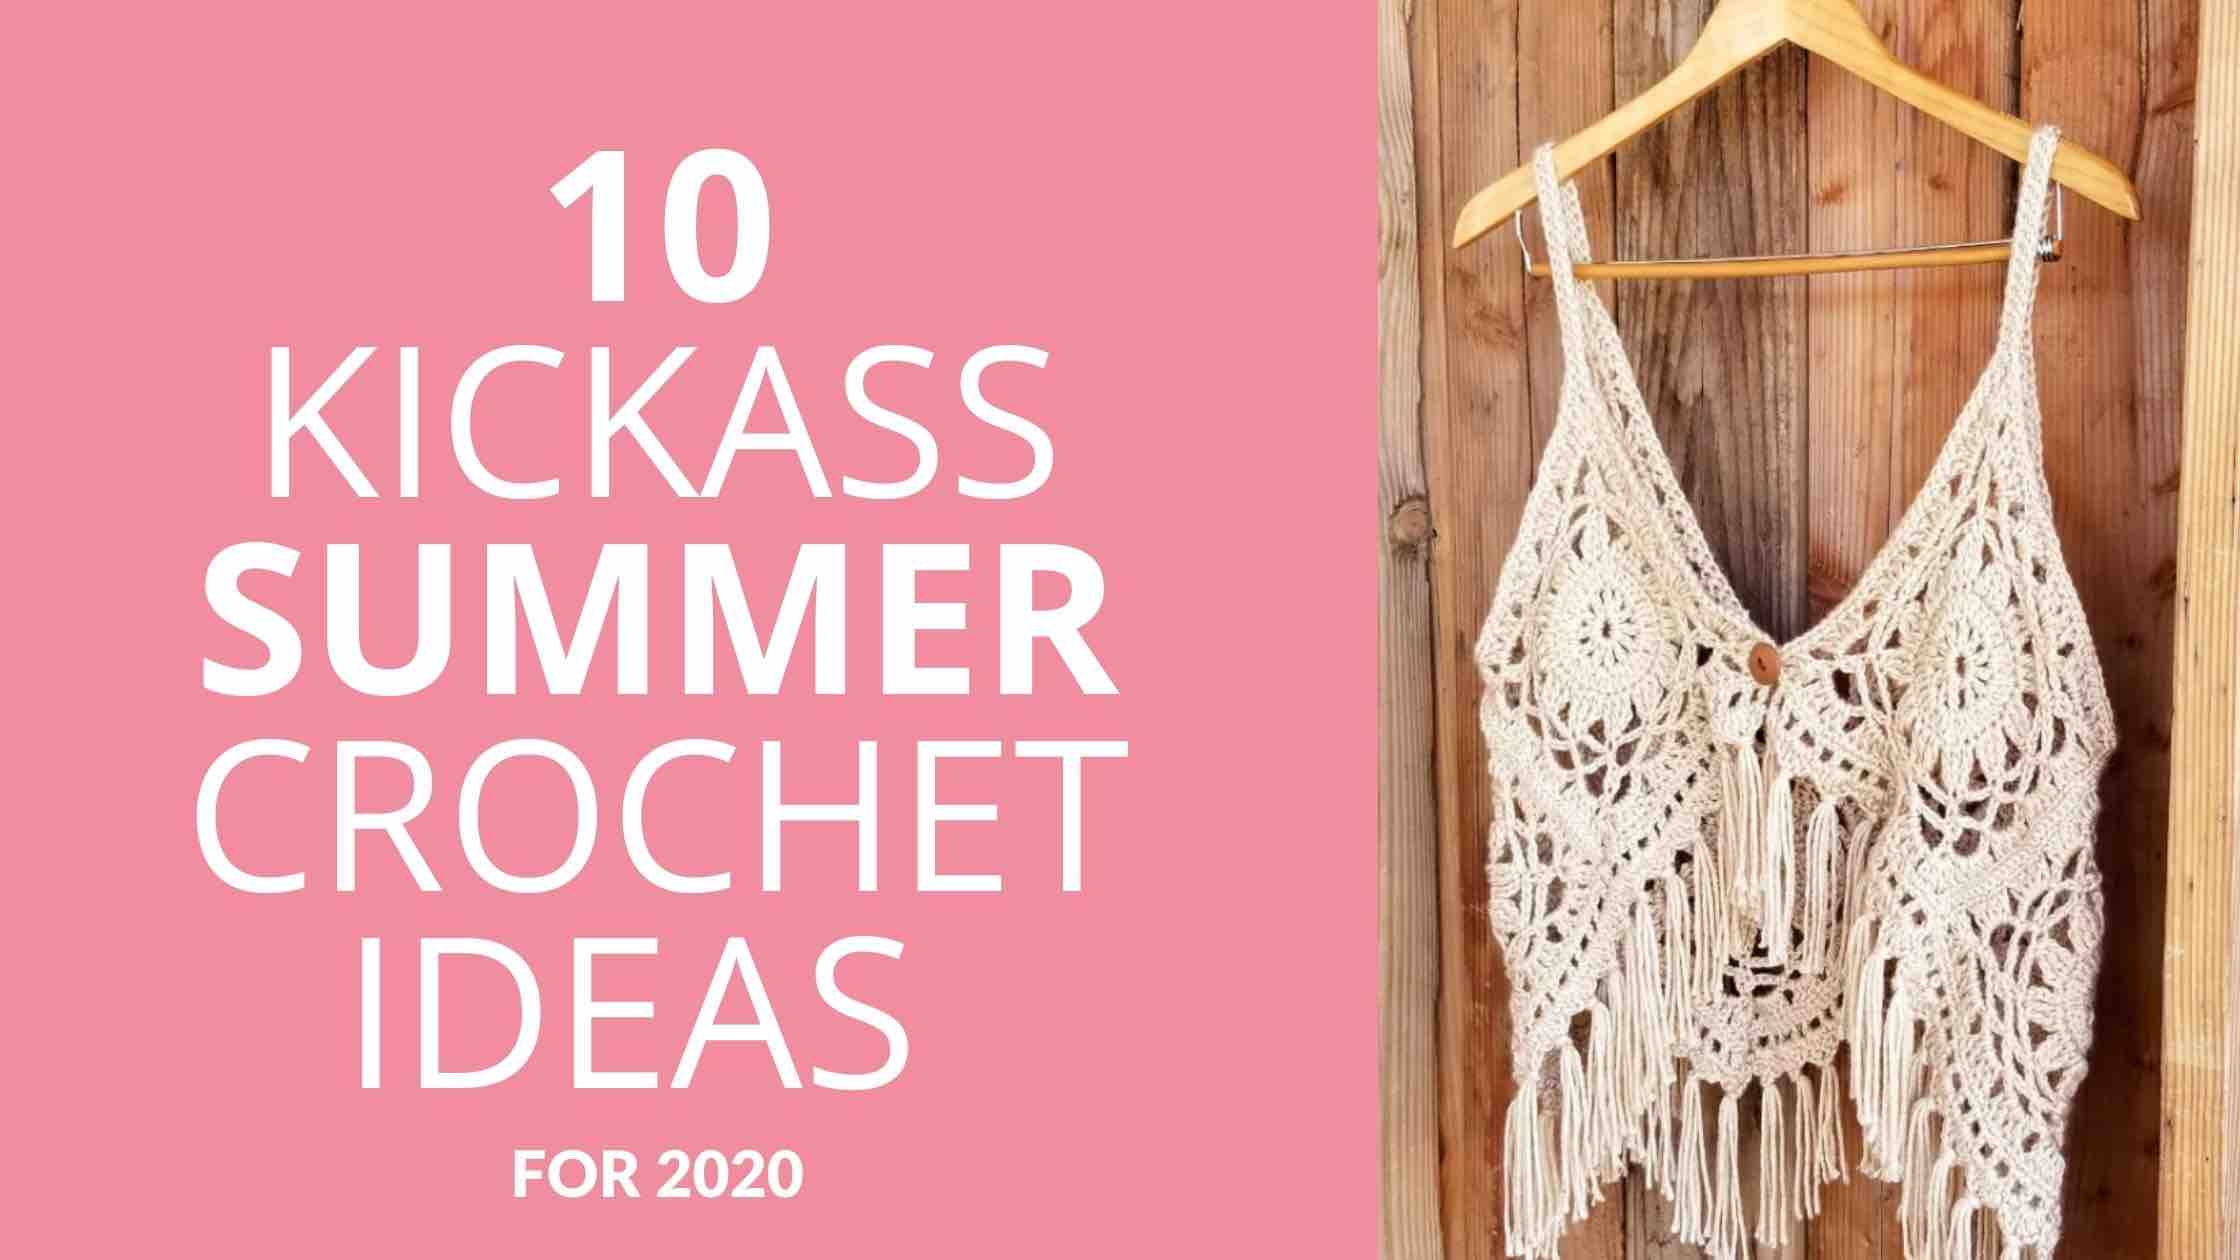 10 Kickass Summer Crochet Ideas For 2020 Start Crochet (1)